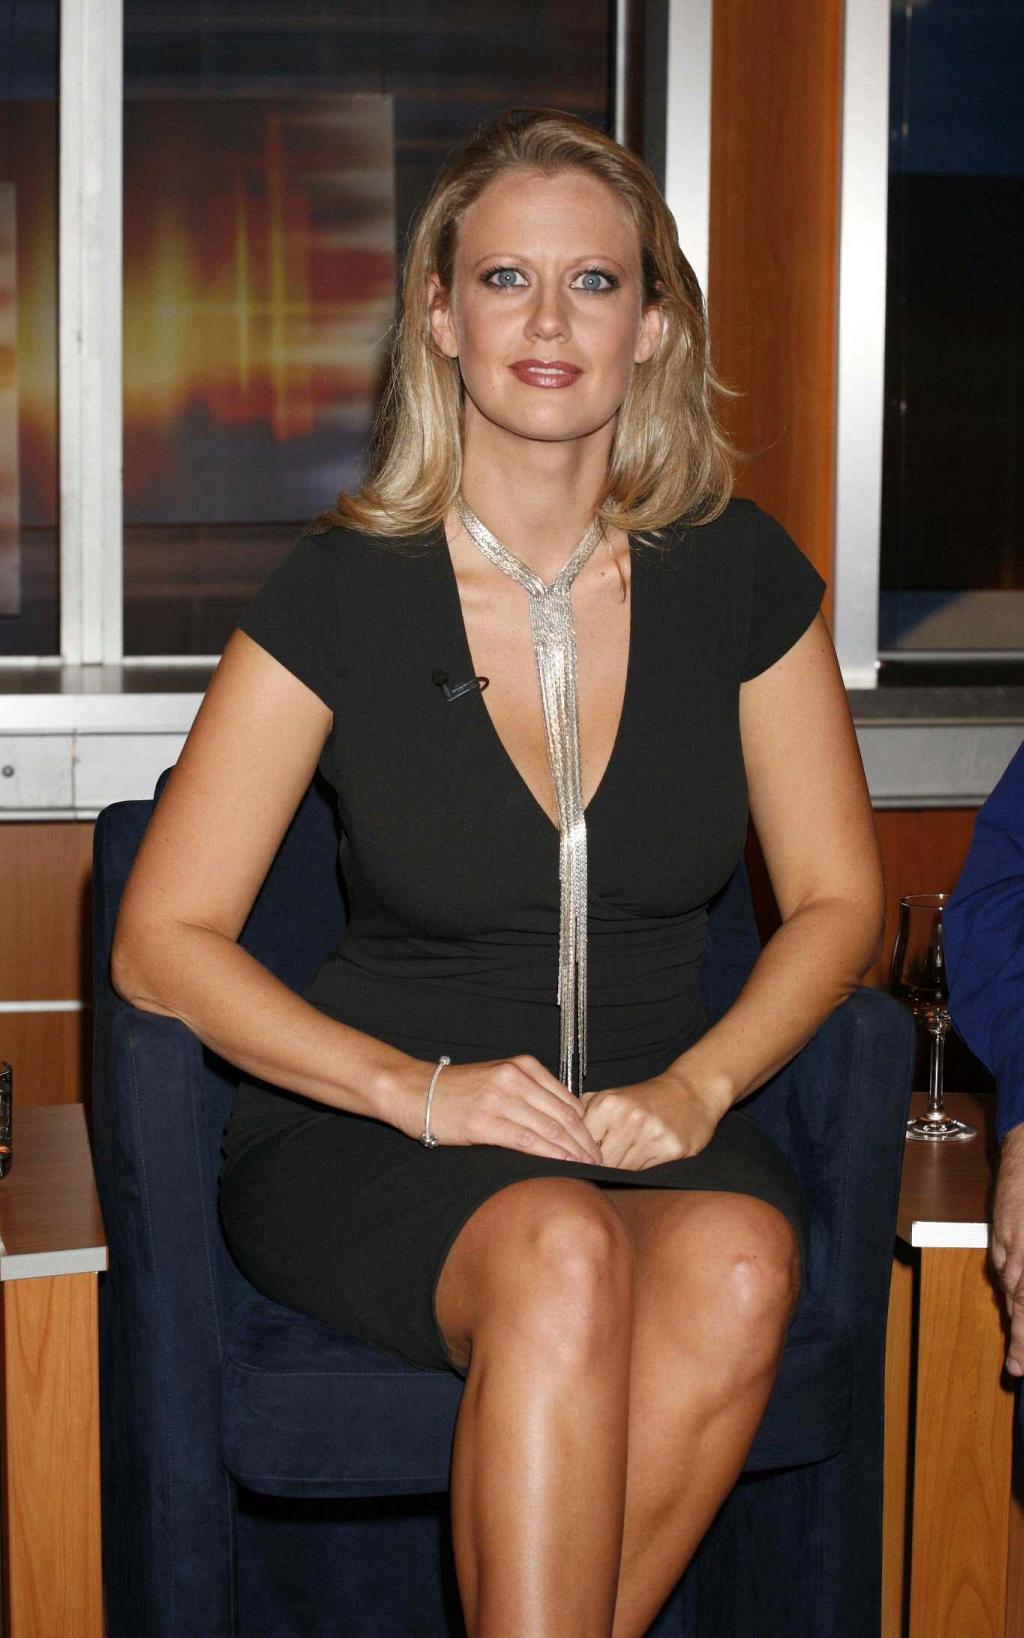 Barbara schöneberger sexy bilder